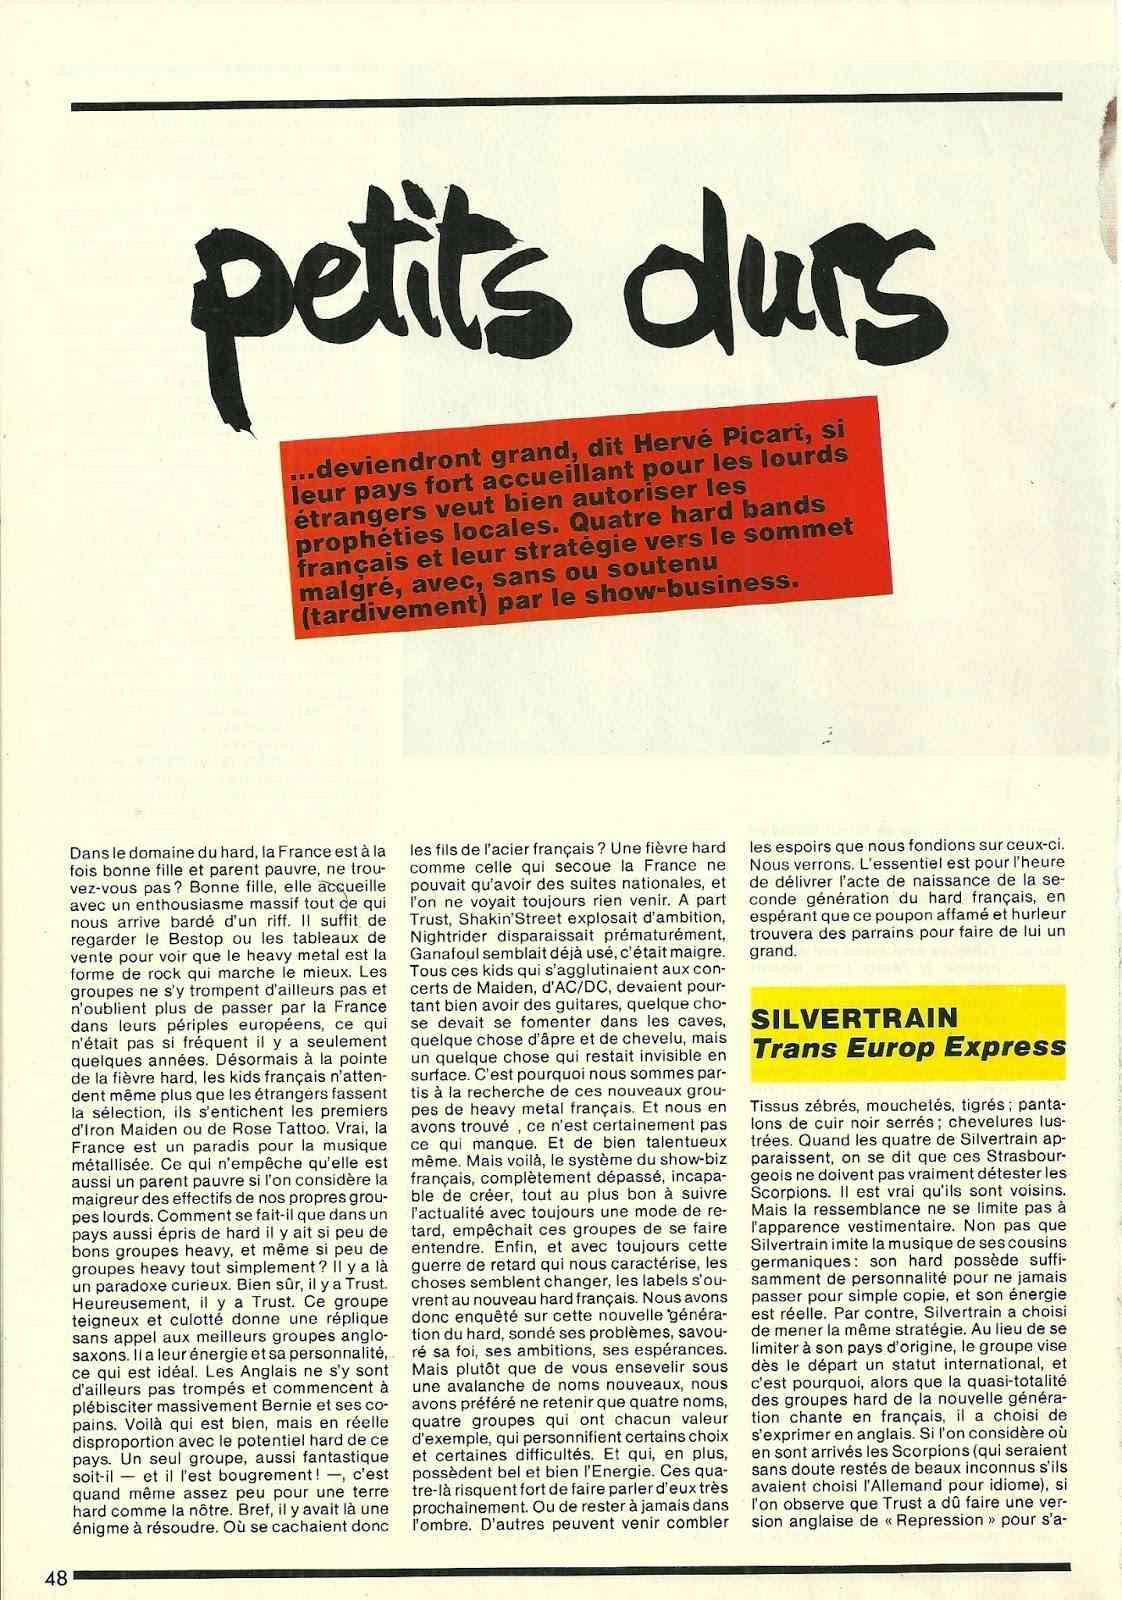 Les petits durs (Article écrit par Hervé Picard) MAG Metal Attack Numyri16